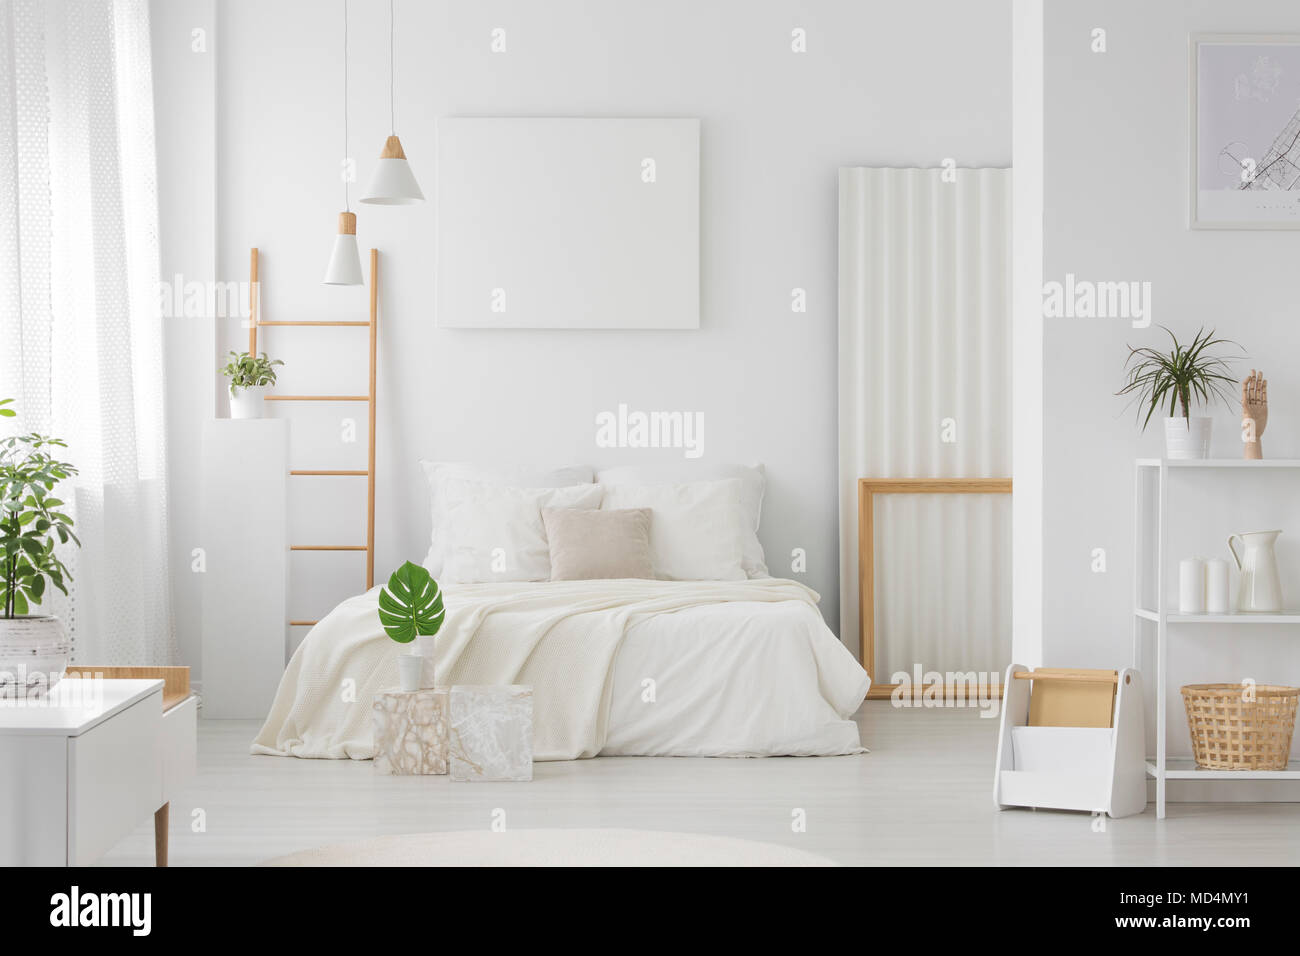 Ein Weißes Schlafzimmer Mit Großem, King Bett, Regale, Leiter Und Elementen  Aus Holz